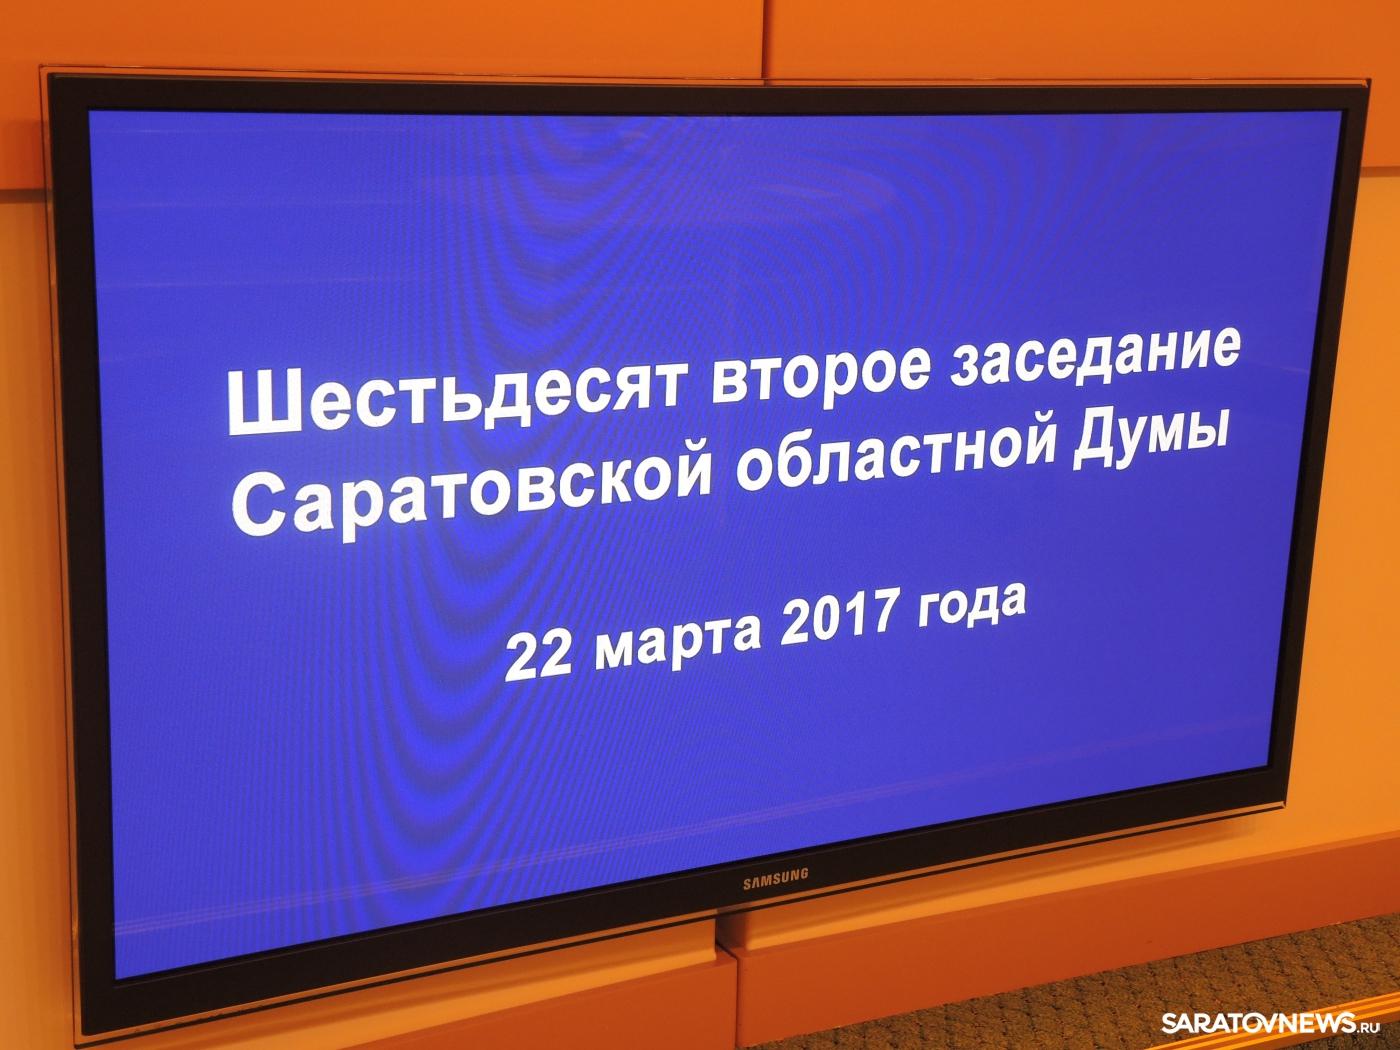 62-е заседание Саратовской областной думы